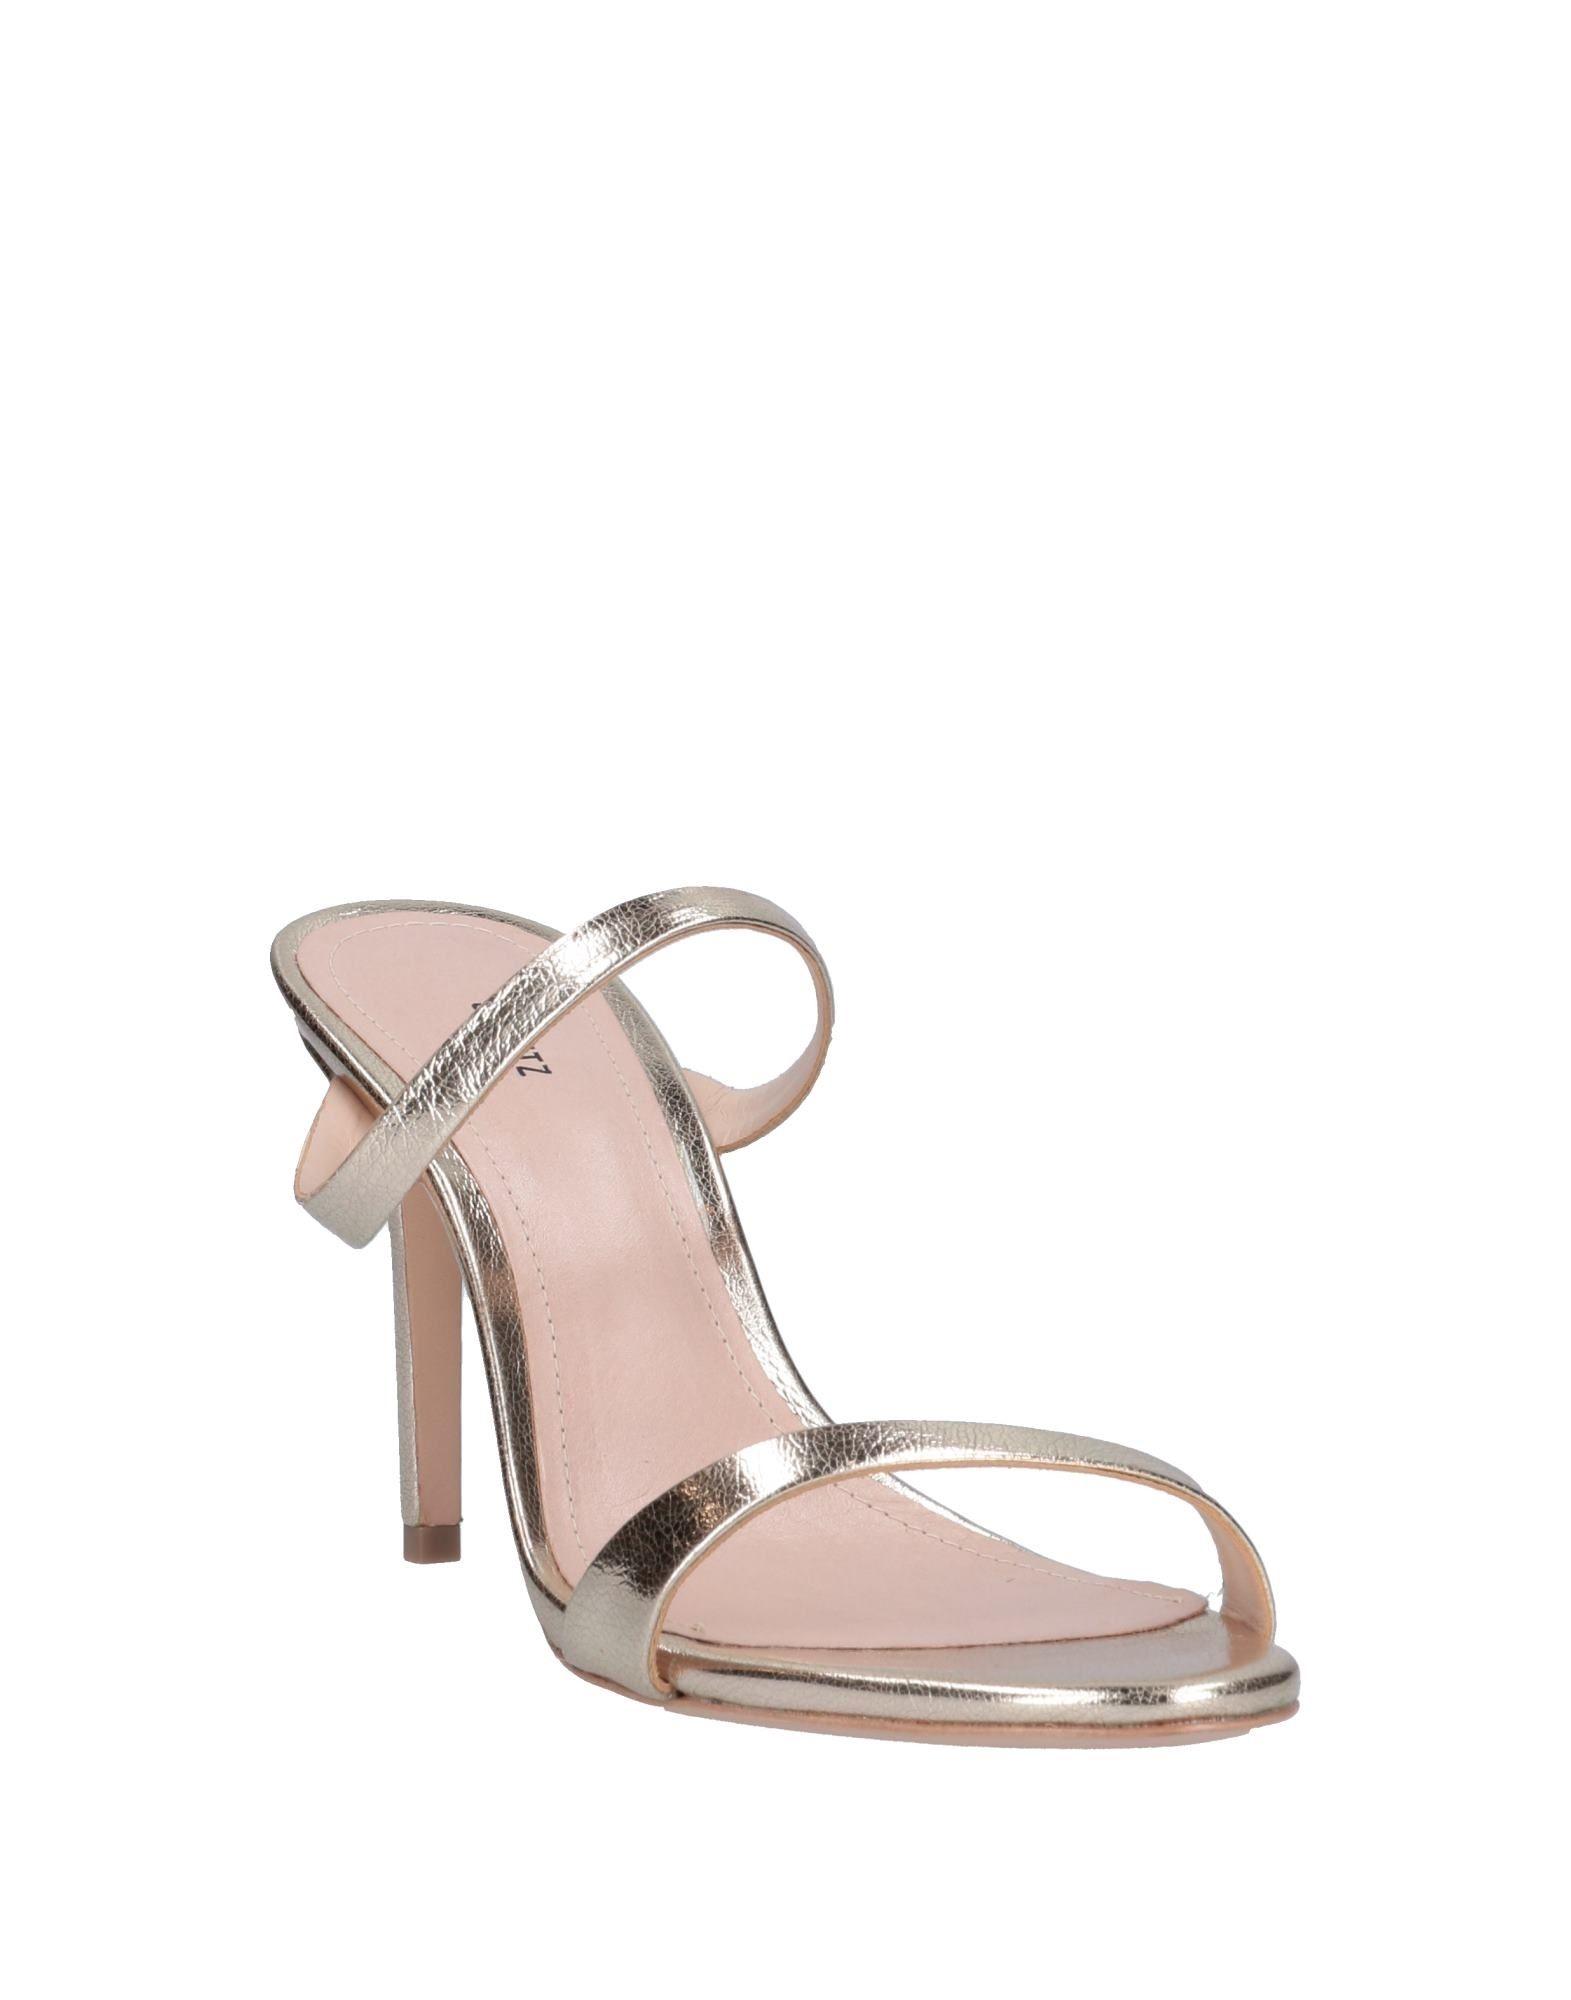 Schutz Sandalen Damen  11616874QR Gute Schuhe Qualität beliebte Schuhe Gute 9f3c92